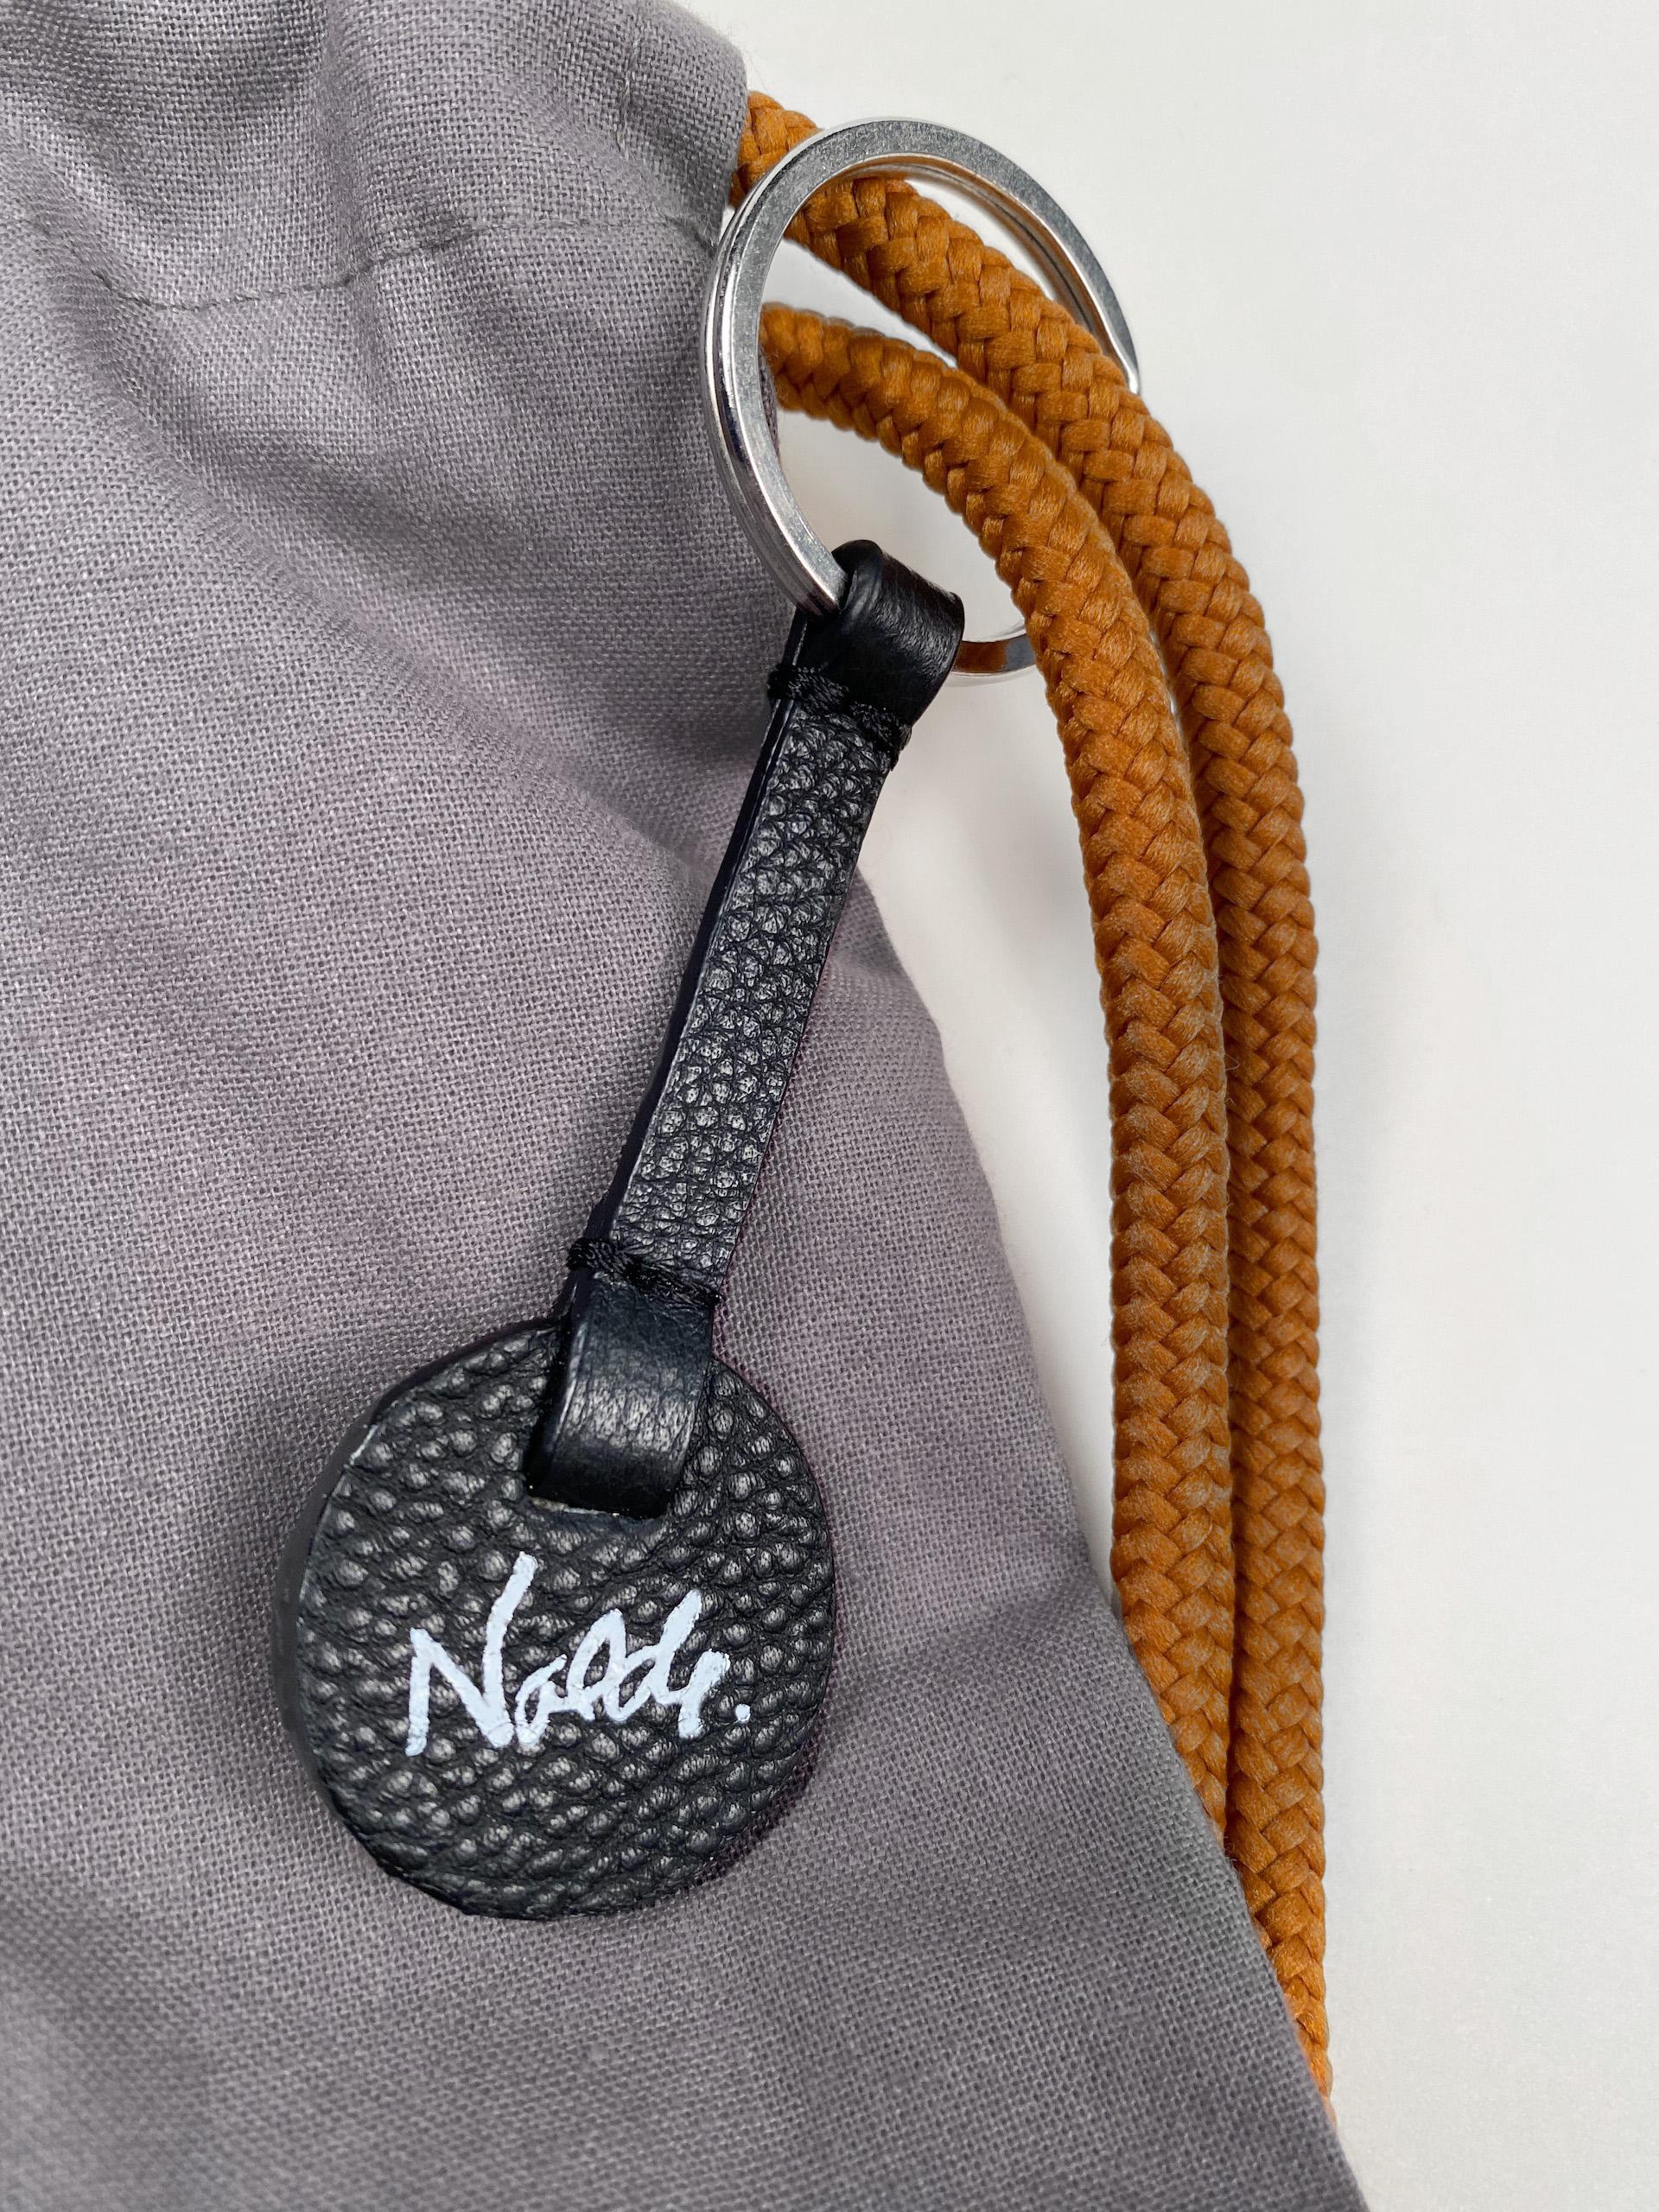 Schlüsselanhänger mit Nolde-Signatur